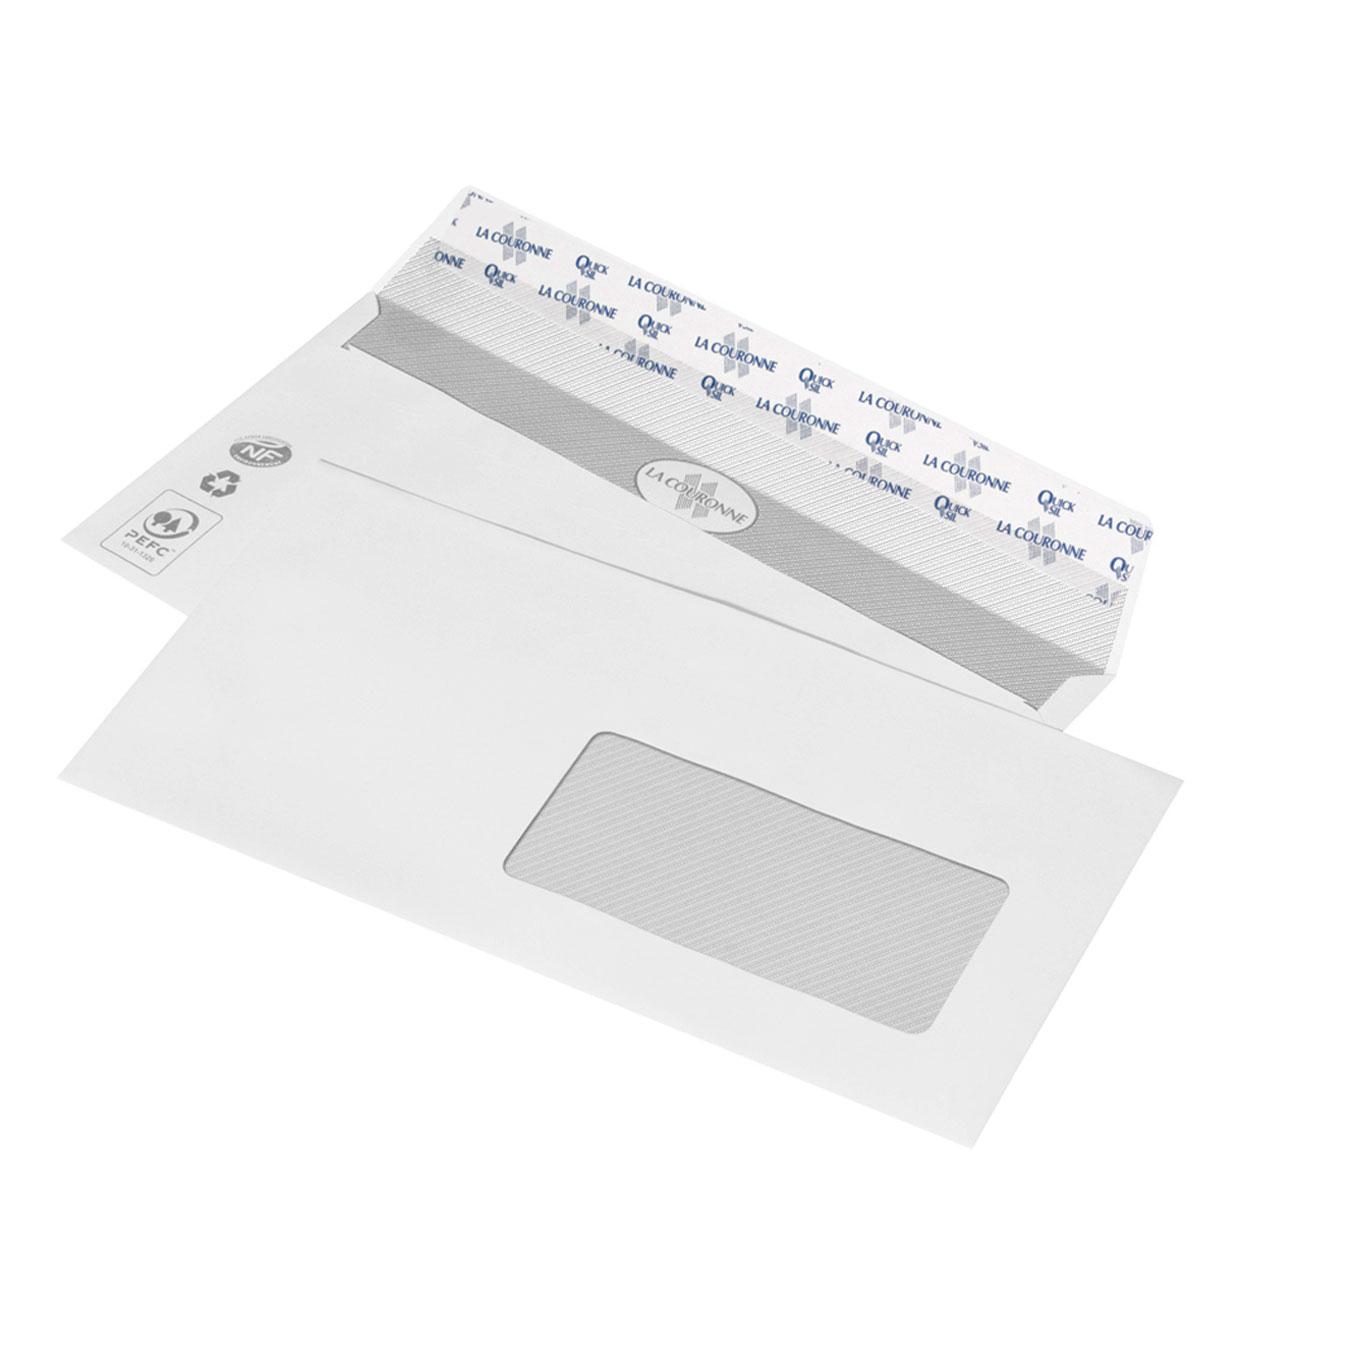 La couronne boite de 500 enveloppes dl avec fen tre 2715 for Enveloppe fenetre